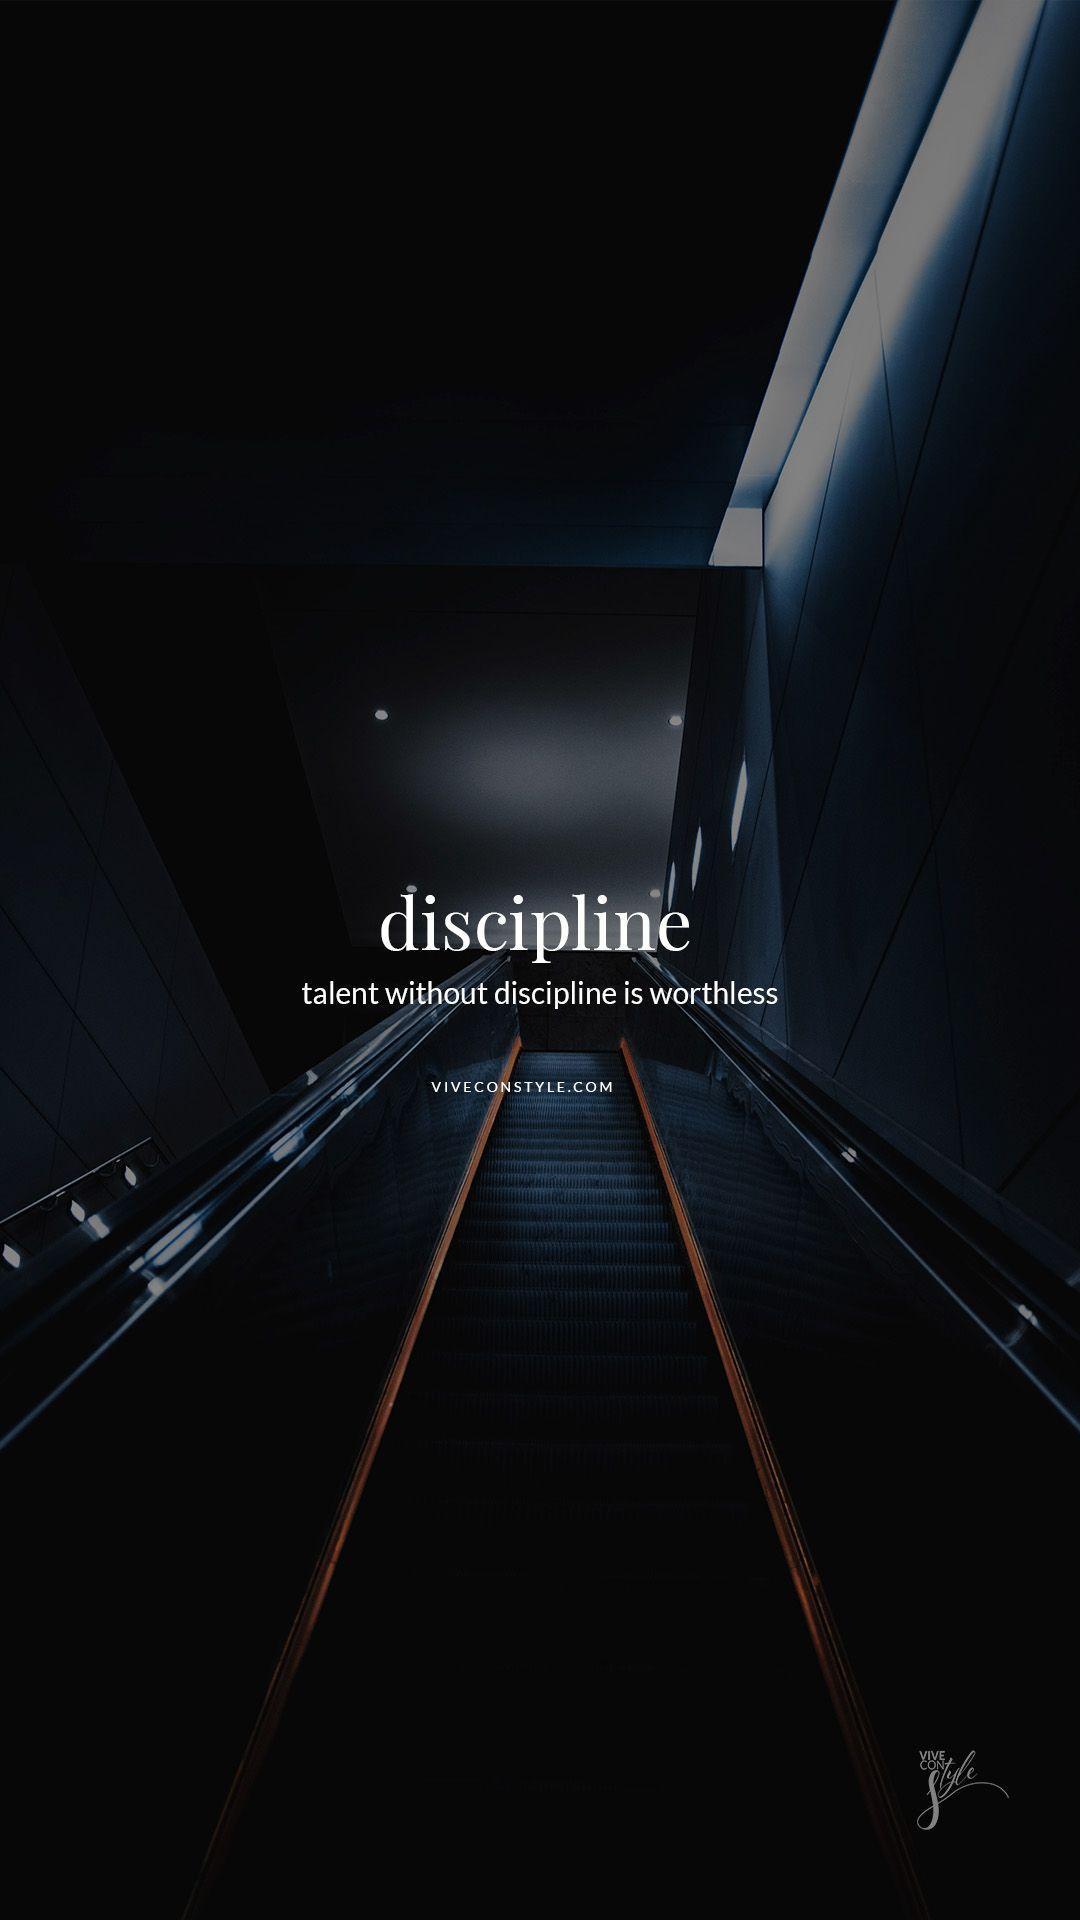 1080x1920 Discipline Quote Hình nền điện thoại di động.  Trích dẫn đầy cảm hứng